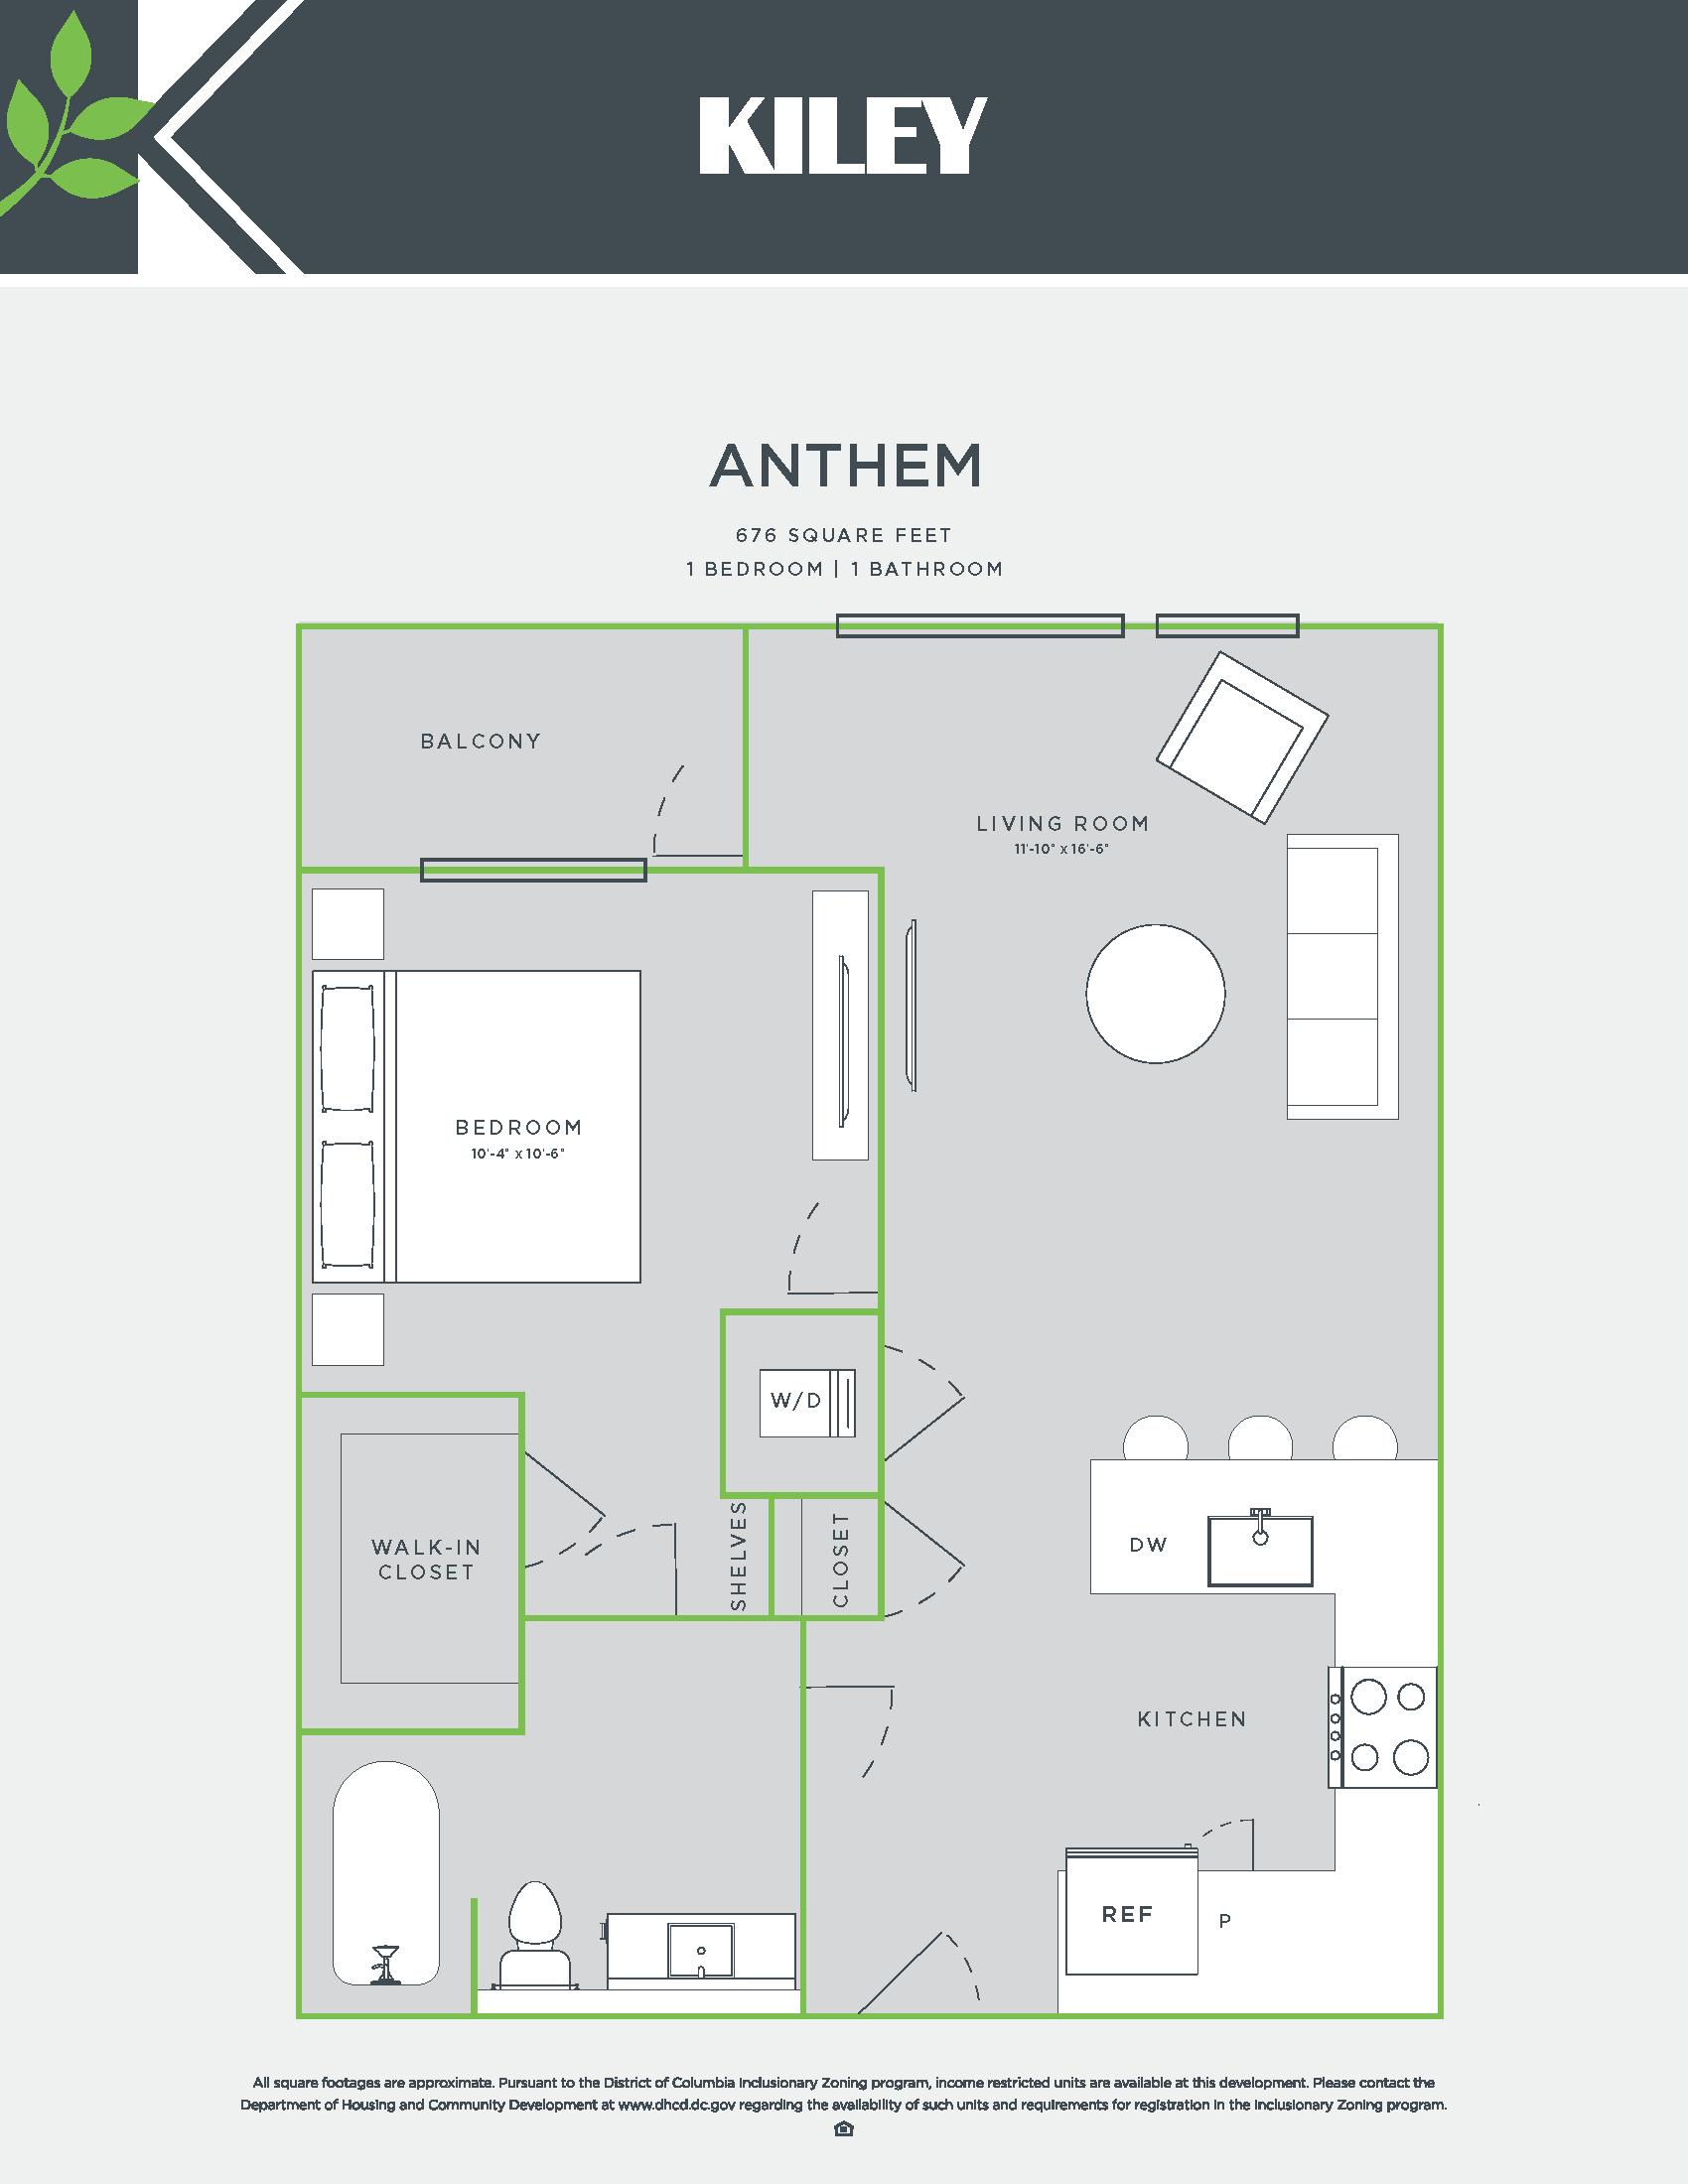 Anthem (1 bed /1 bath) Floor Plan